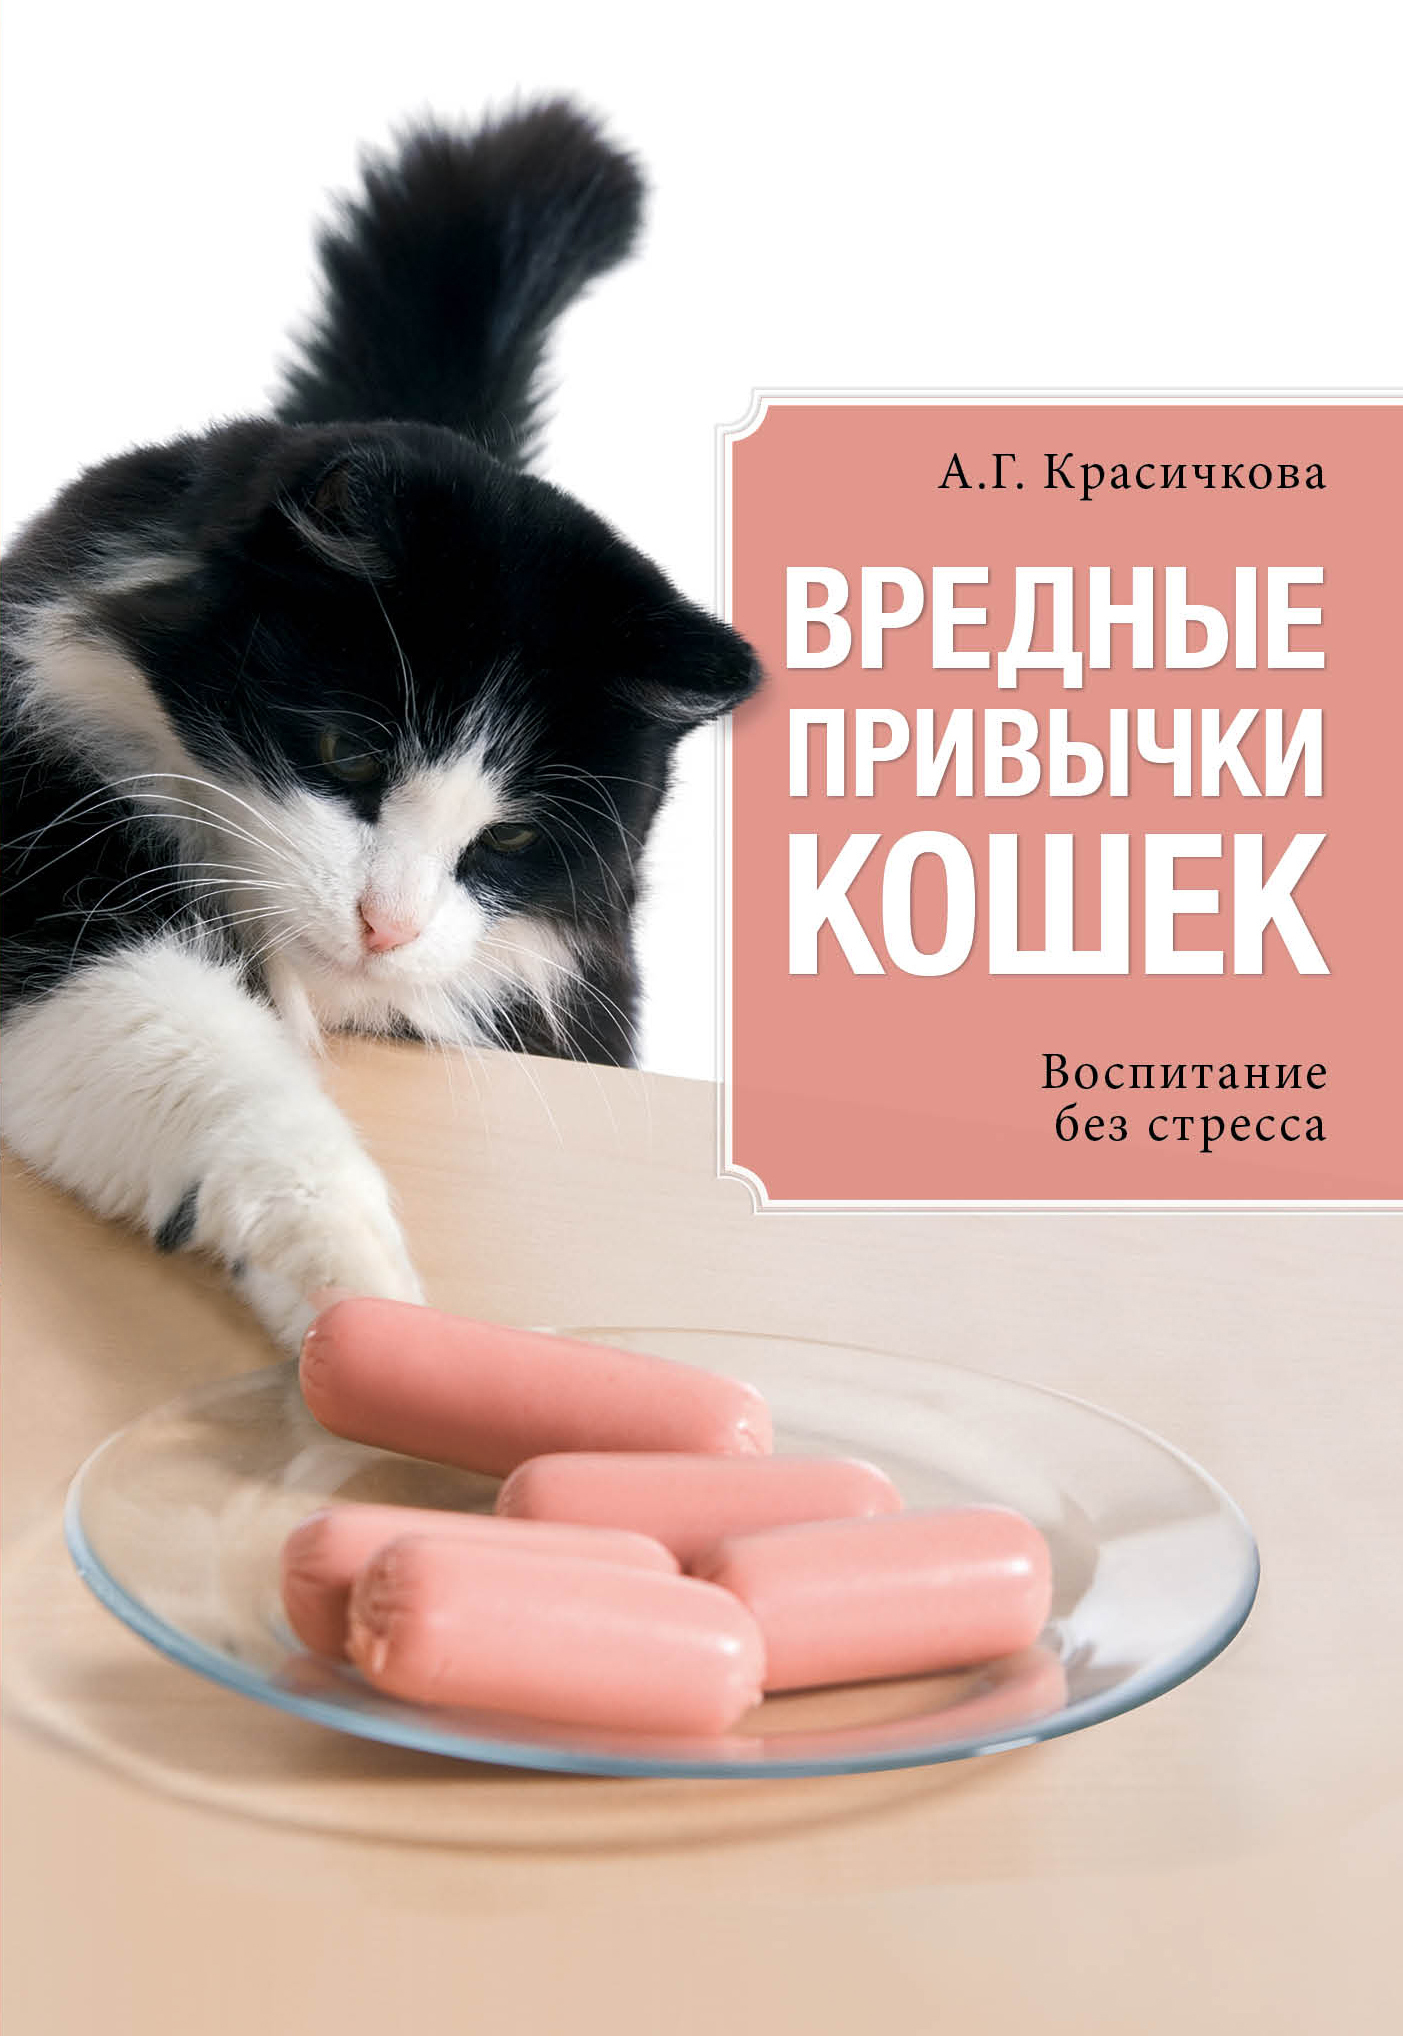 Вредные привычки, опасные для кота